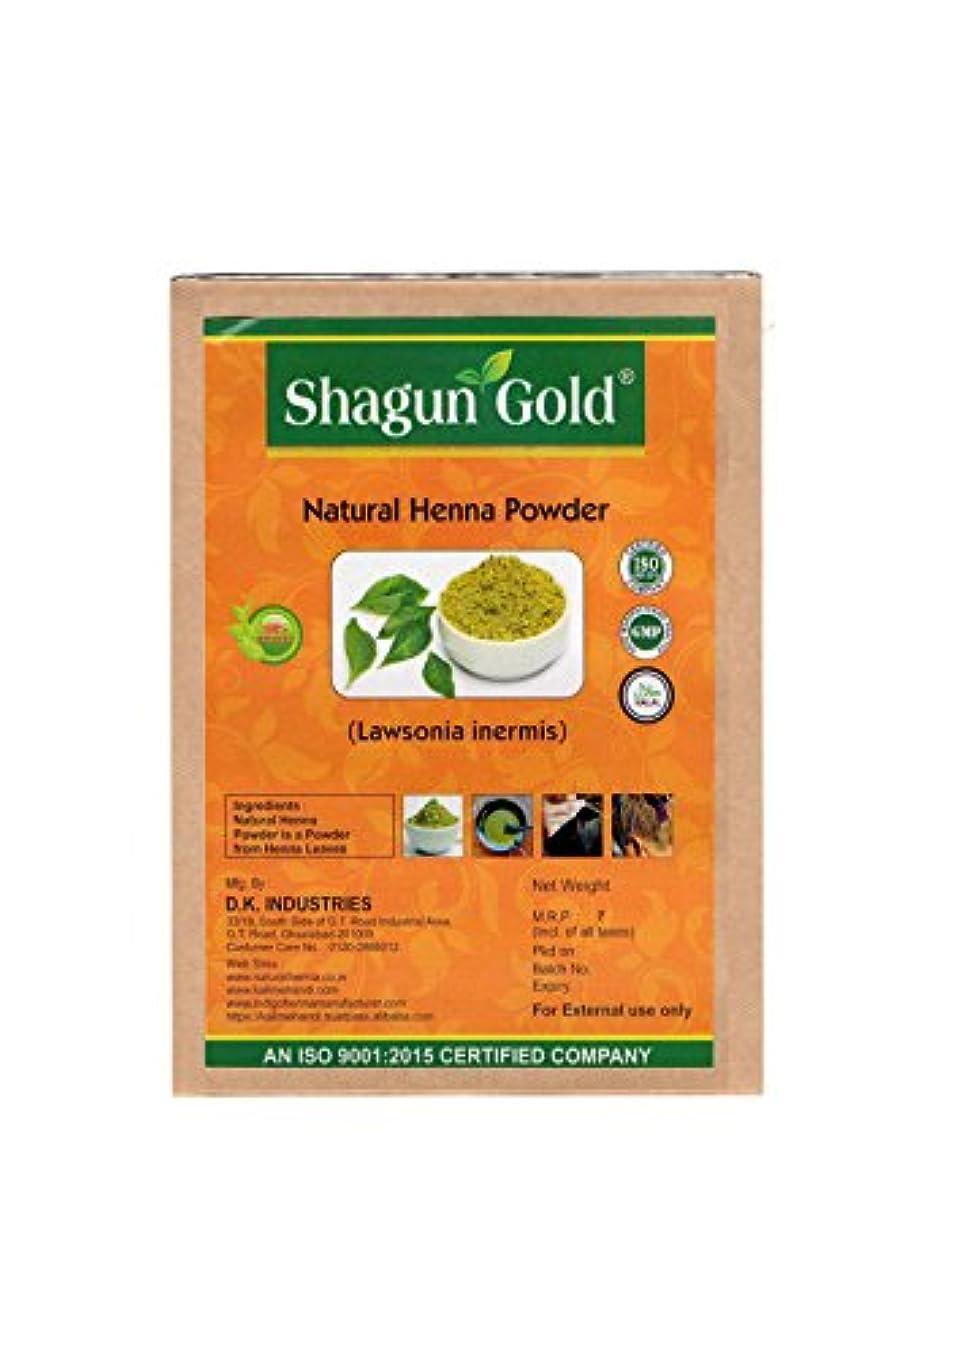 オアシス準備ができてする必要があるShagun Gold A 100% Natural ( lawsonia Inermis ) Natural Henna Powder For Hair Certified By Gmp / Halal / ISO-9001-2015 No Ammonia, No PPD, Chemical Free 7.05 Oz / ( 1 / 2 lb ) / 200g